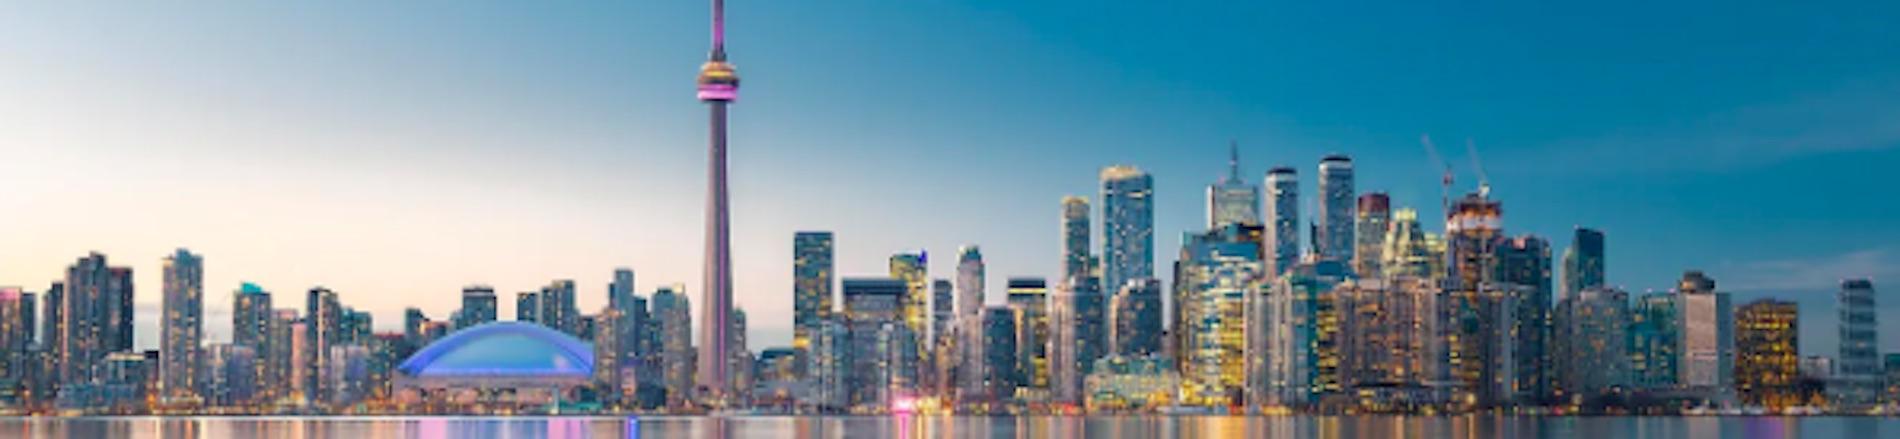 Ontario Skyline